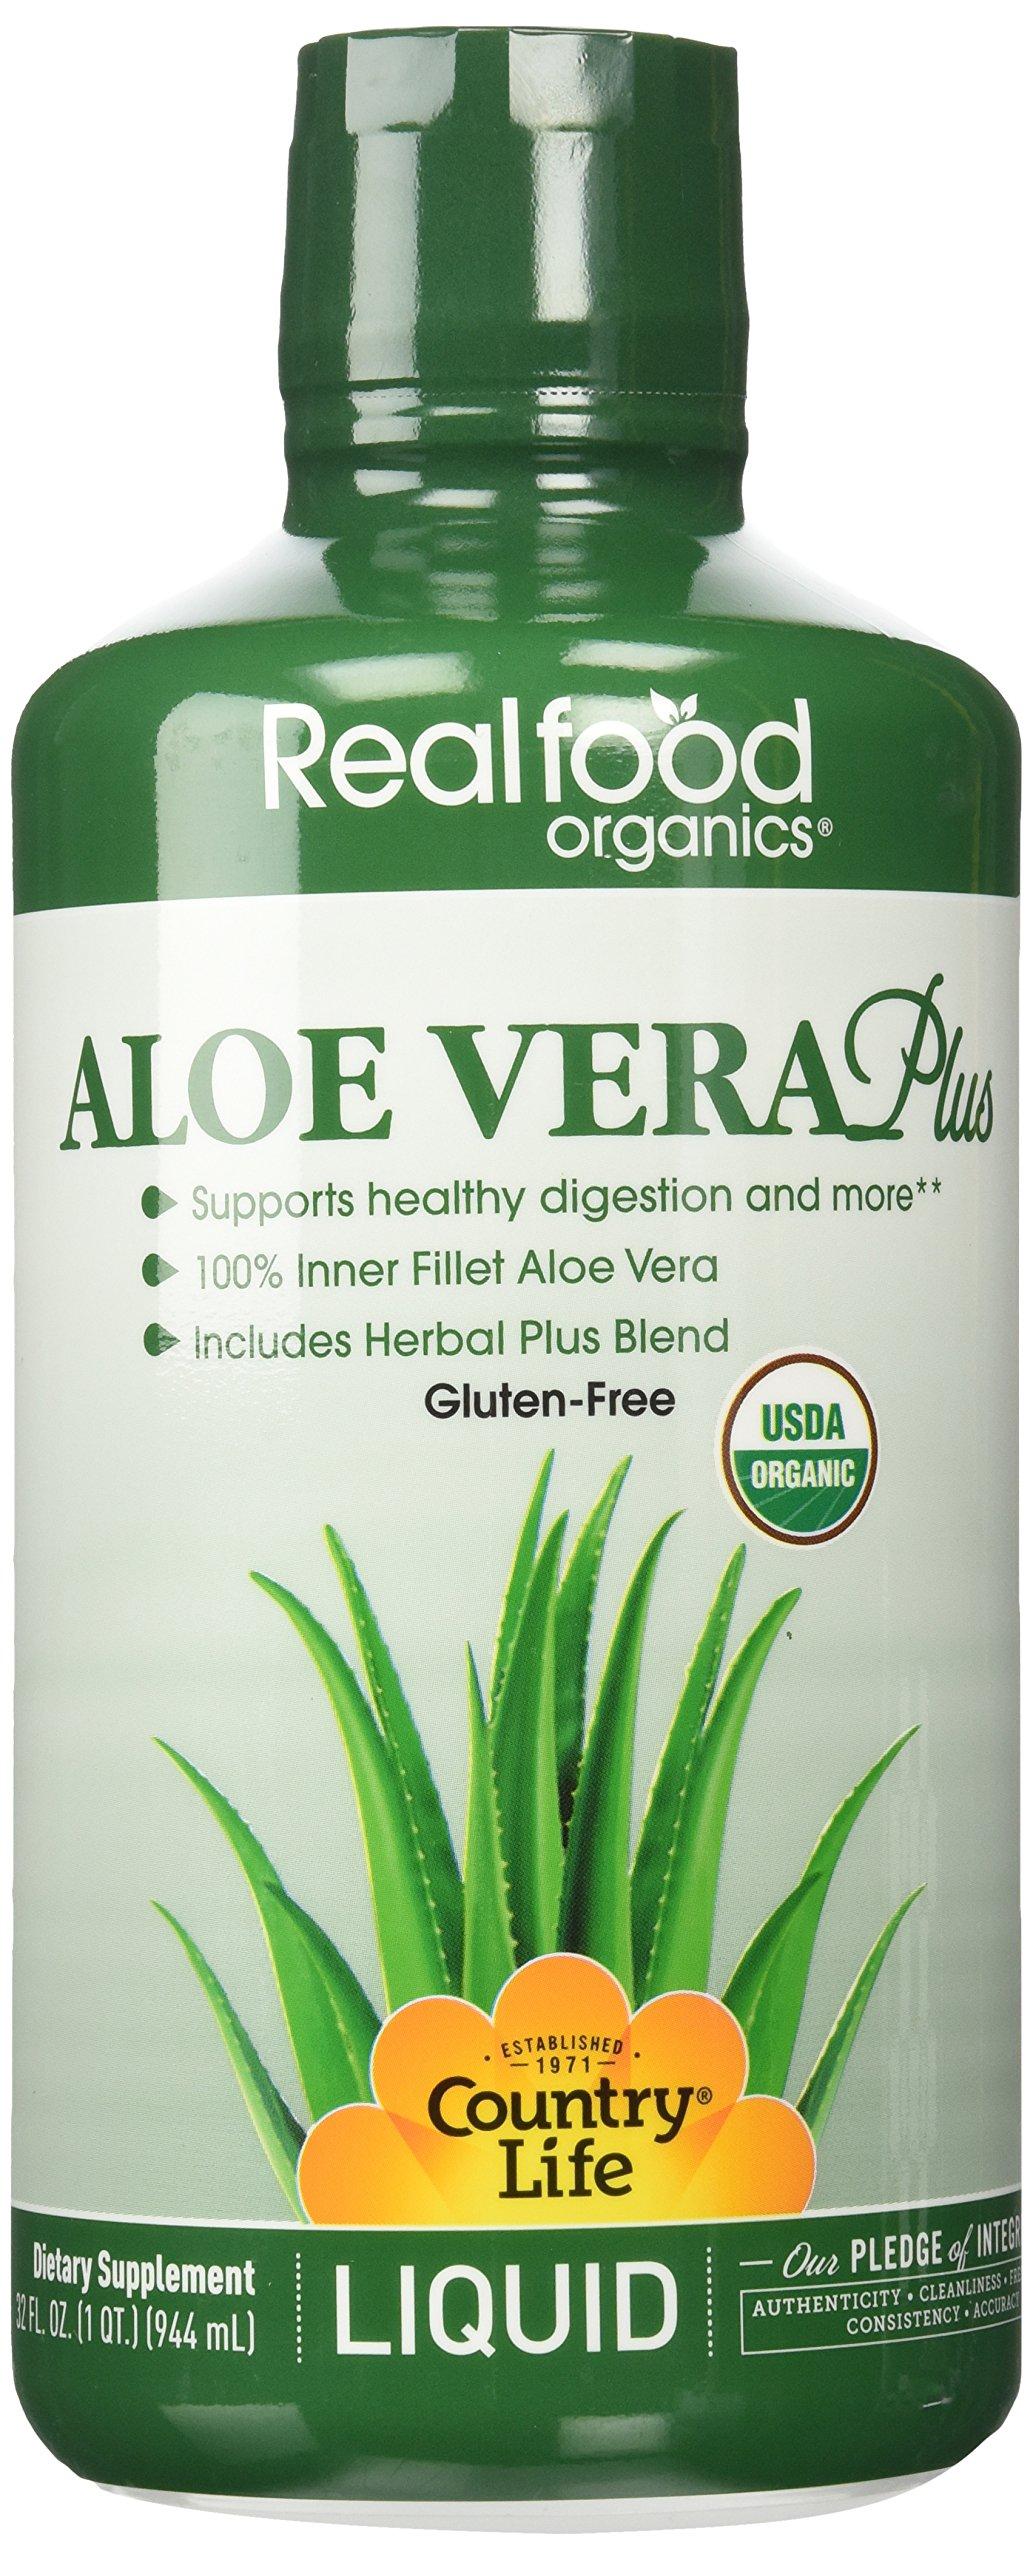 Country Life Liquid Aloe Vera +, 32-Ounce